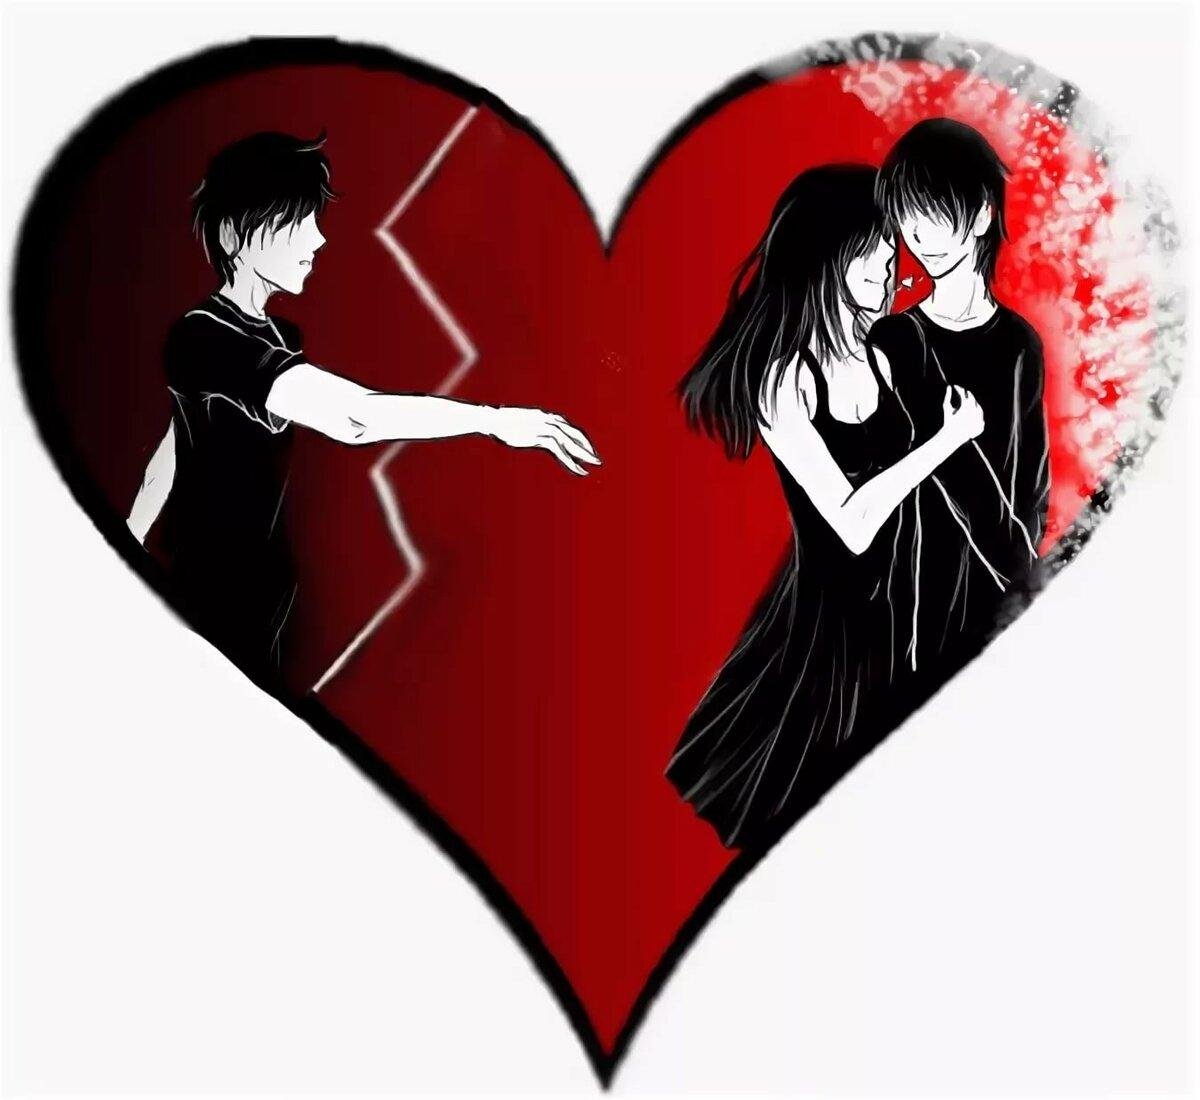 Аниме девушки с разбитым сердцем